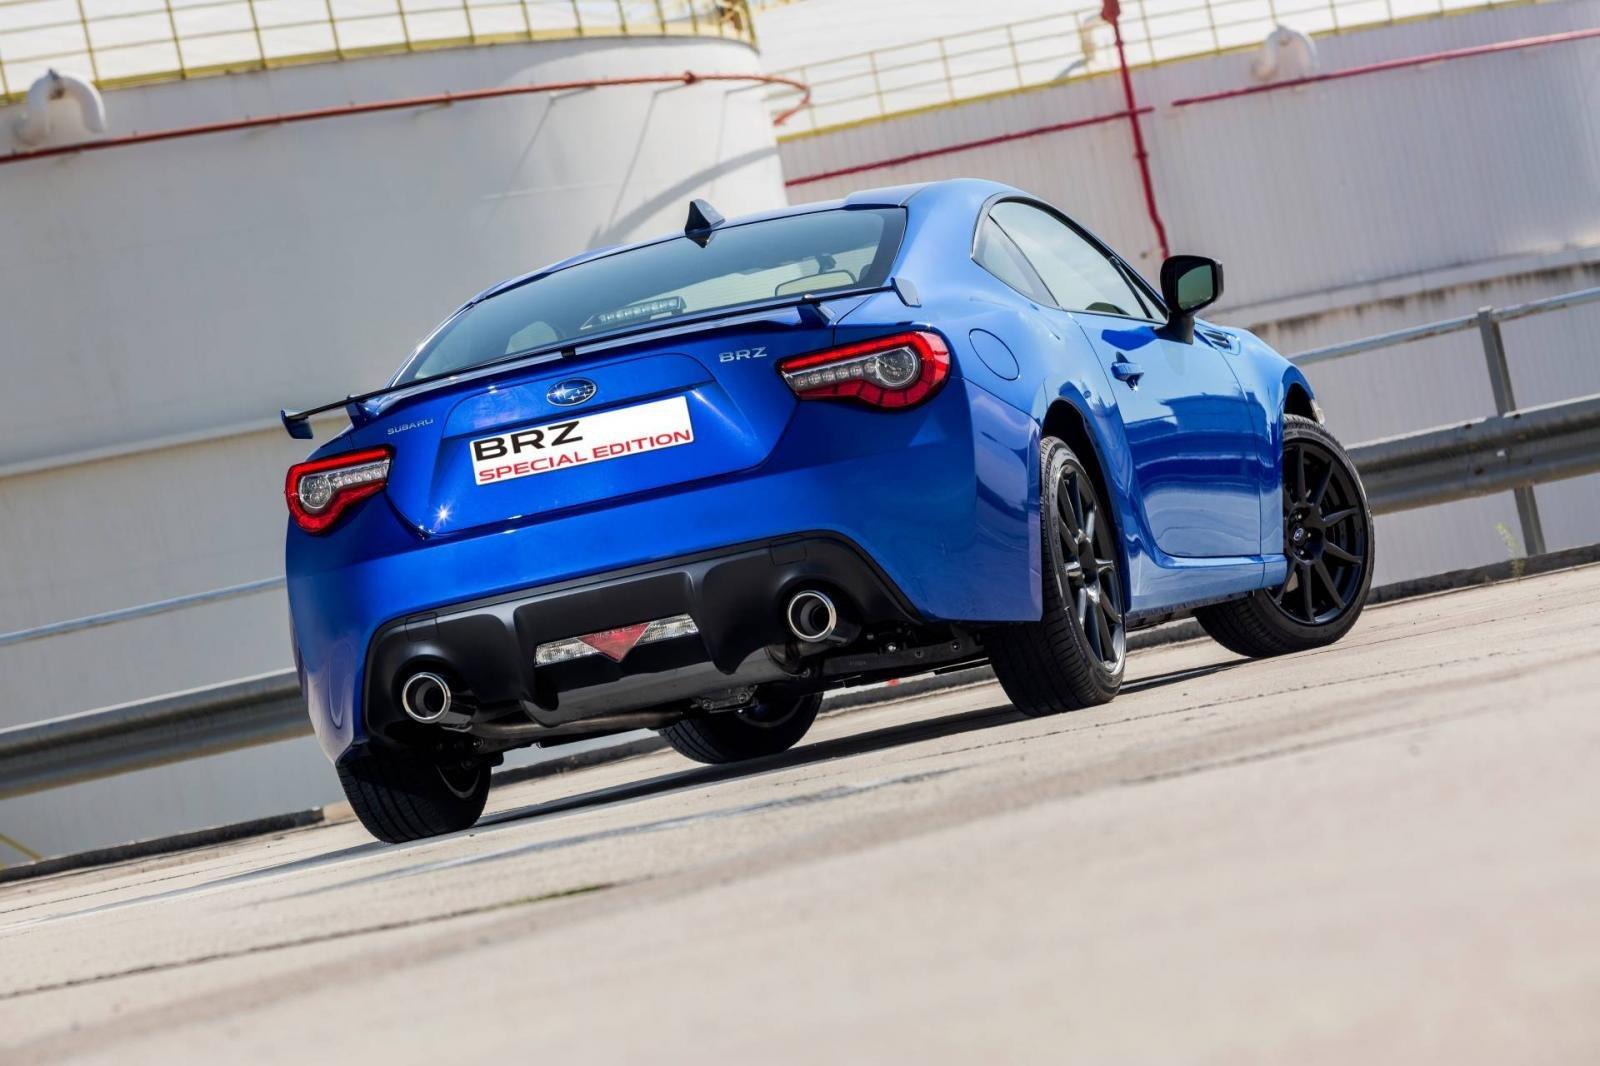 Subaru BRZ Special Edition chỉ được sản xuất giới hạn 20 chiếc.